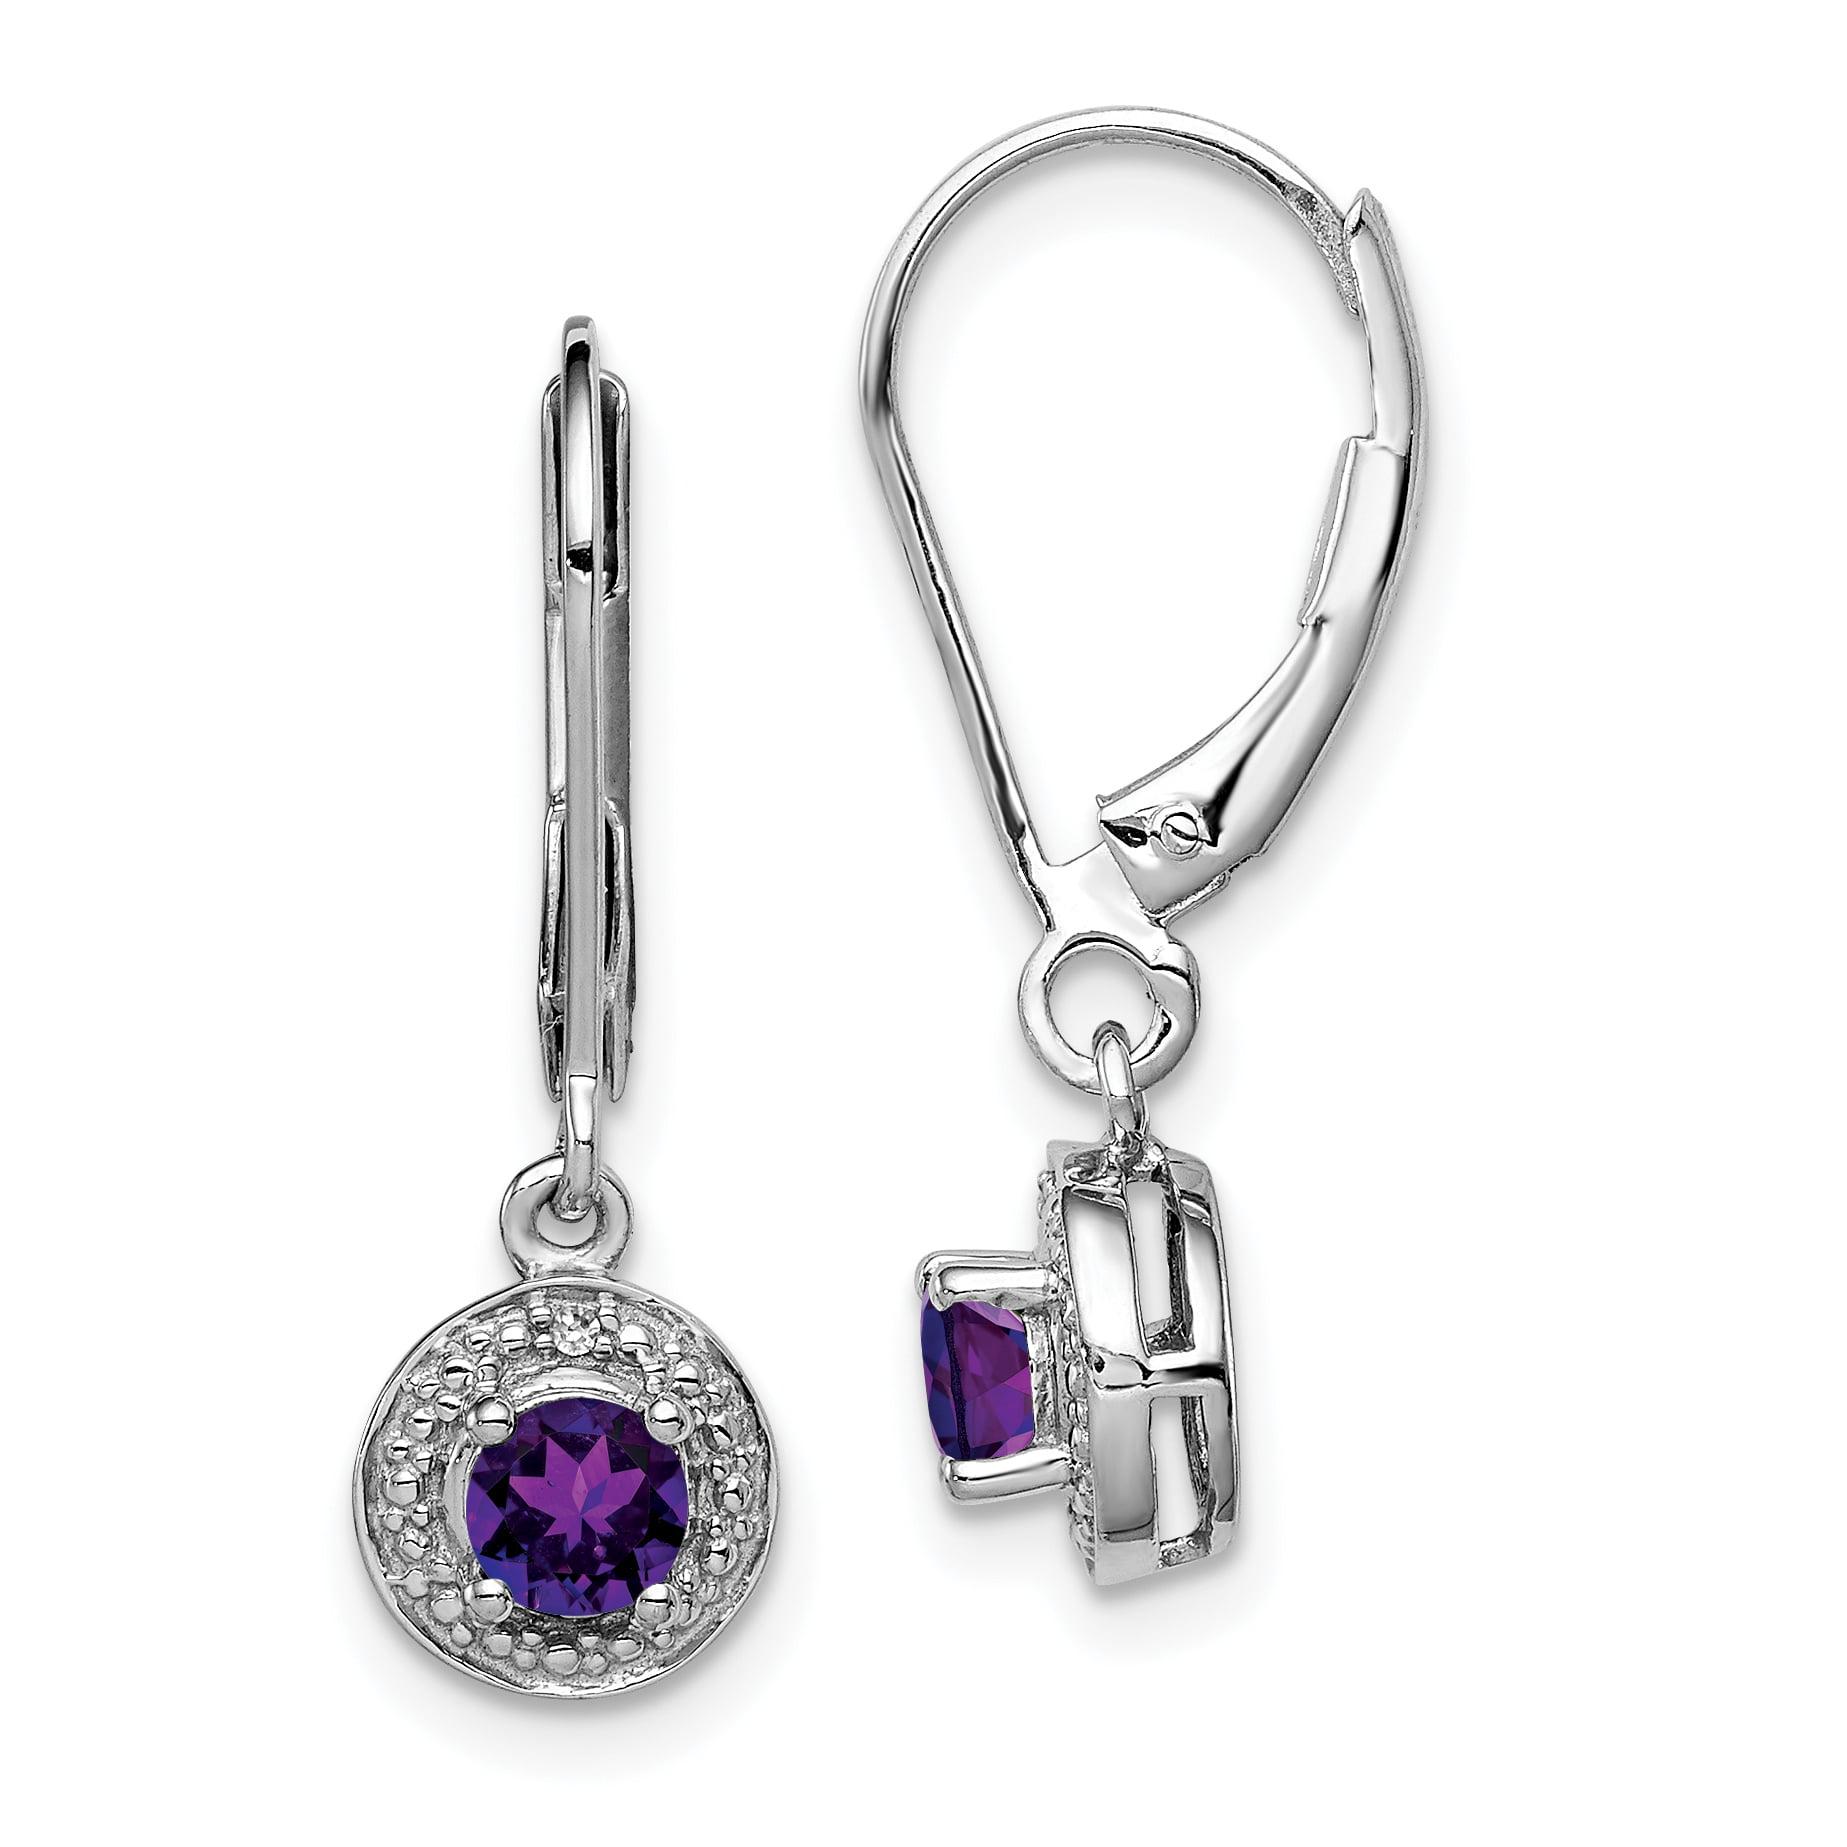 Halo Nickel Free Leverback 925 Silver Purple Amethyst Princess Dangle Earrings